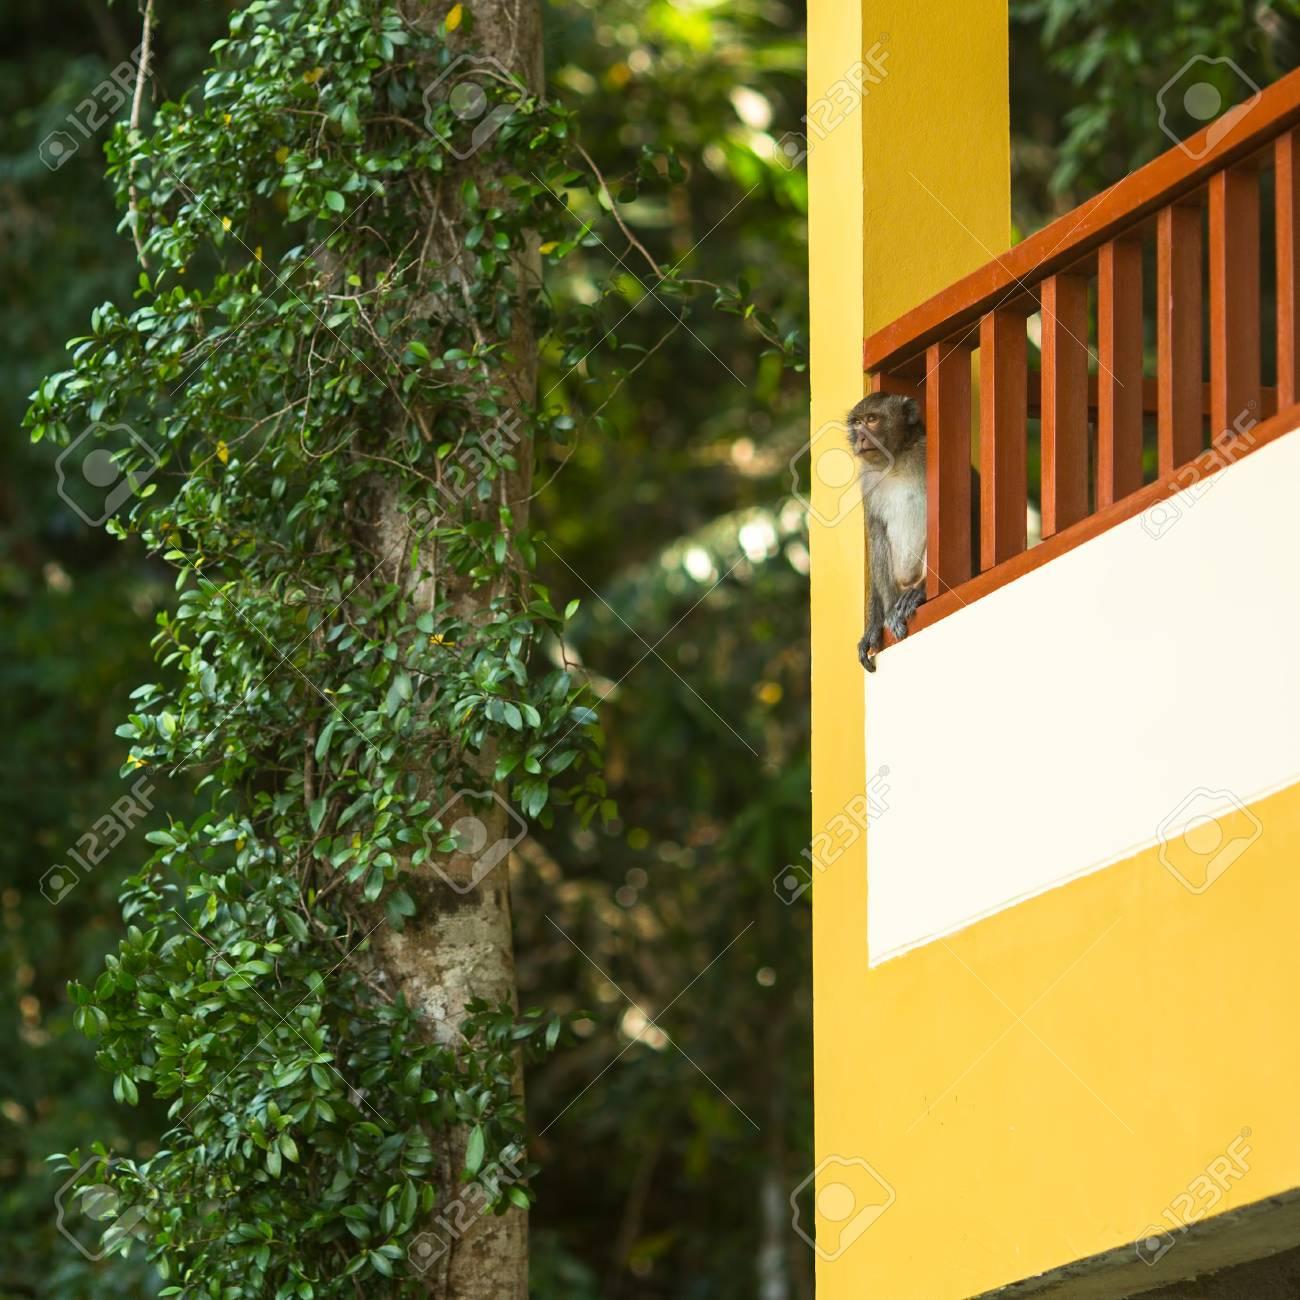 El Pequeño Mono En La Terraza De La Casa El Sudeste De Asia